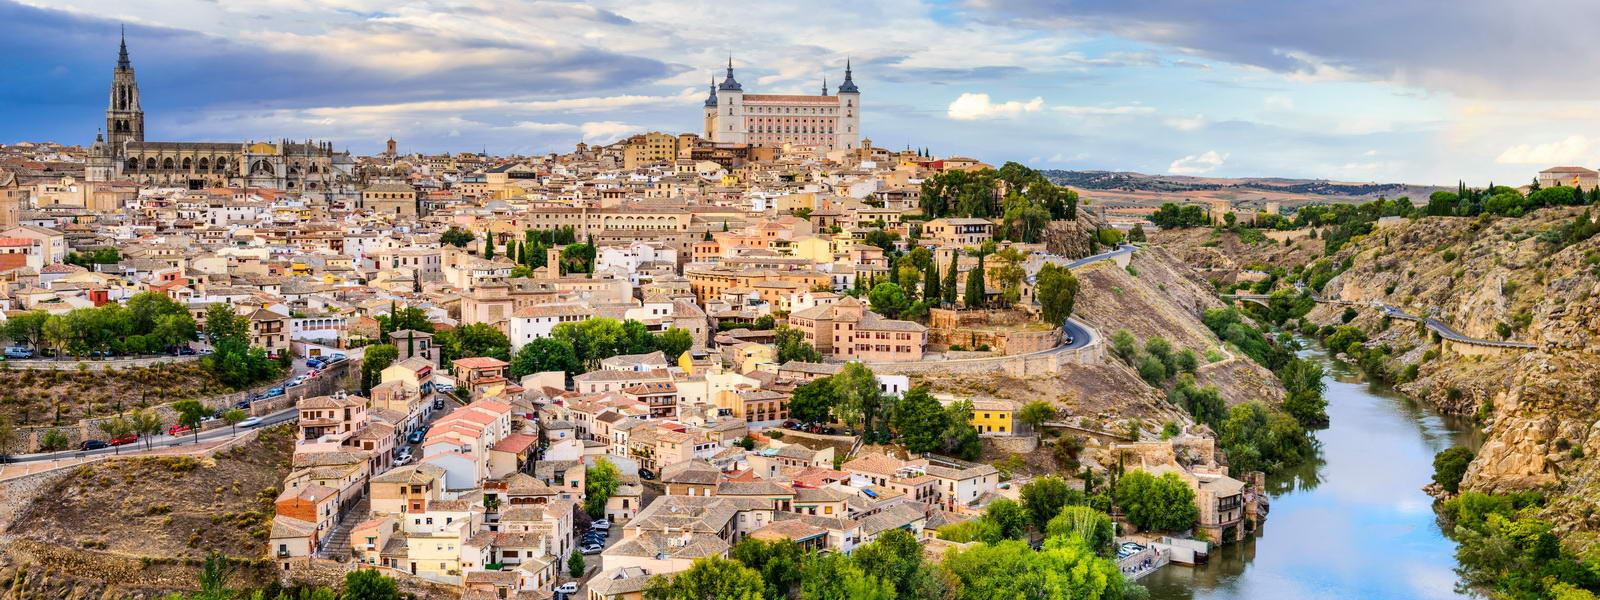 toledo-biggest-cities-in-spain